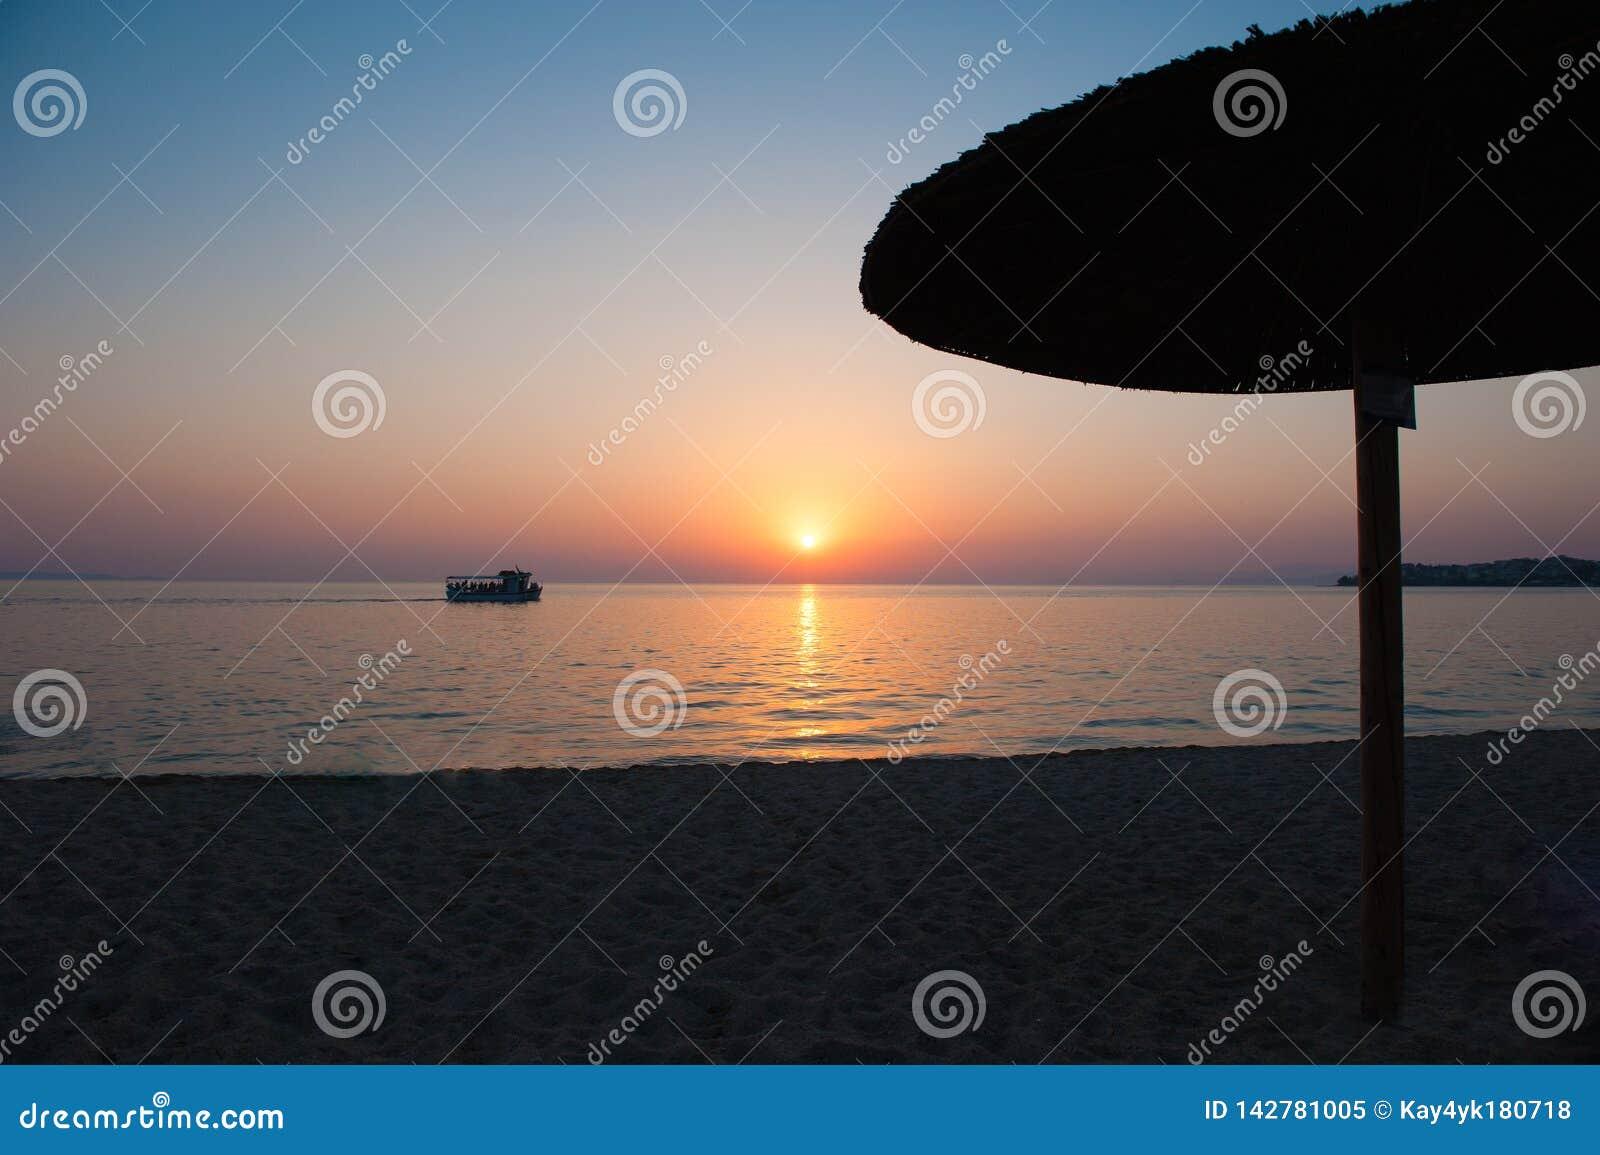 Guarda-chuvas de praia no por do sol, com camas do sol, por do sol quente Ondas e bolhas macias do mar na praia com fundo do céu